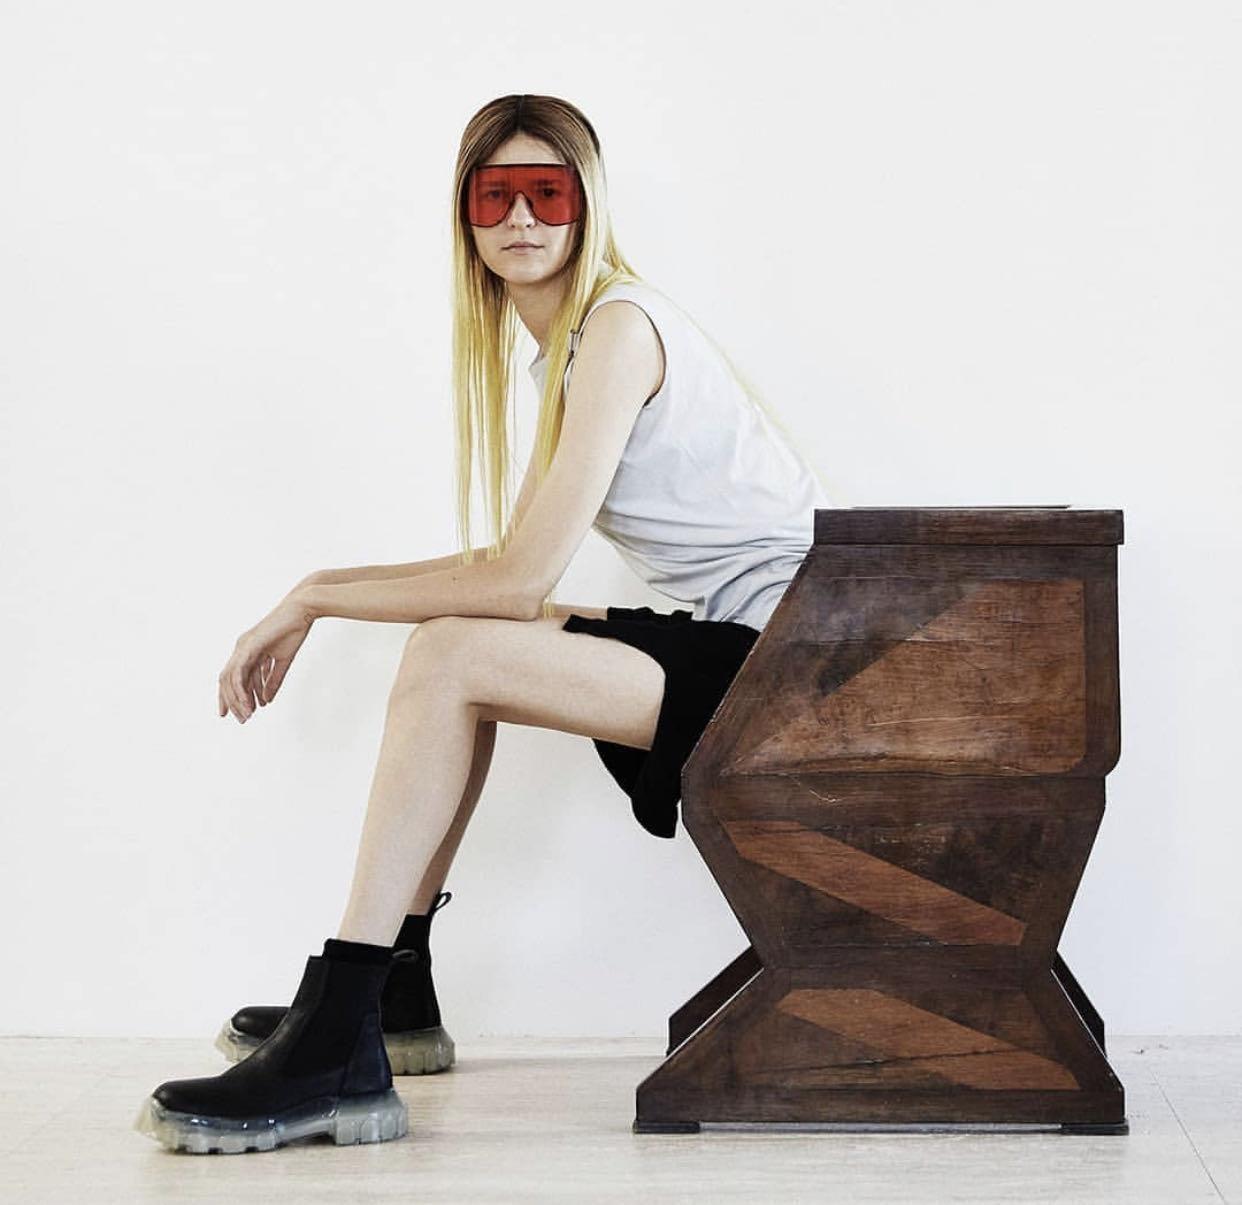 Nice girl #rickowens  from @RickOwens's closet #rickowens